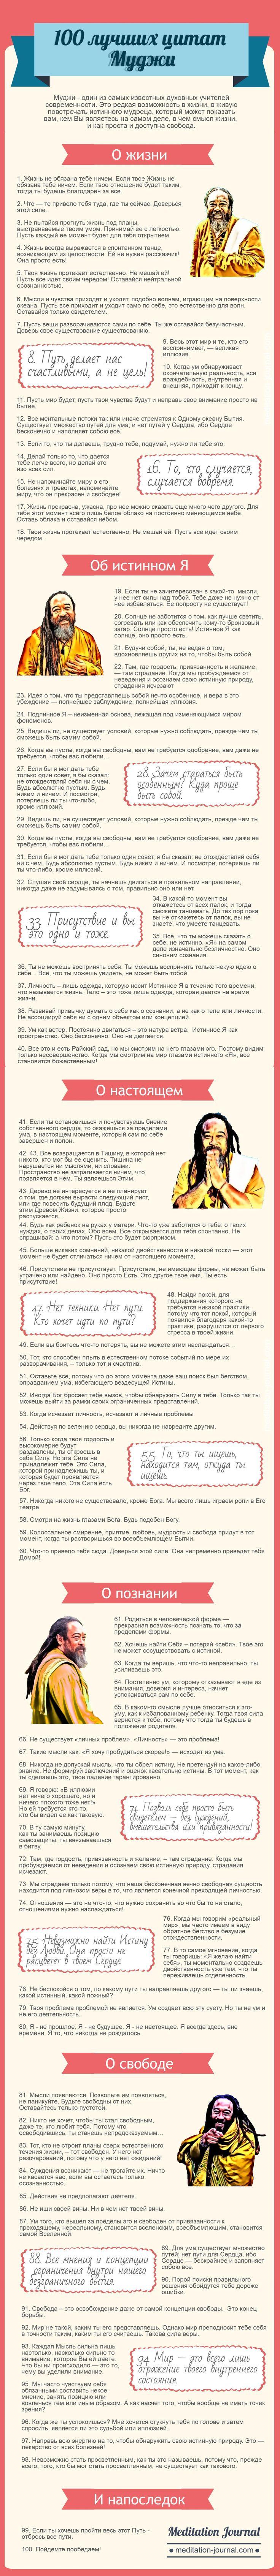 Цитаты Муджи на все случаи жизни. Сегодня Муджи - это один из самых известных учителей и духовных наставников для миллионов людей. Топ 100 лучших.